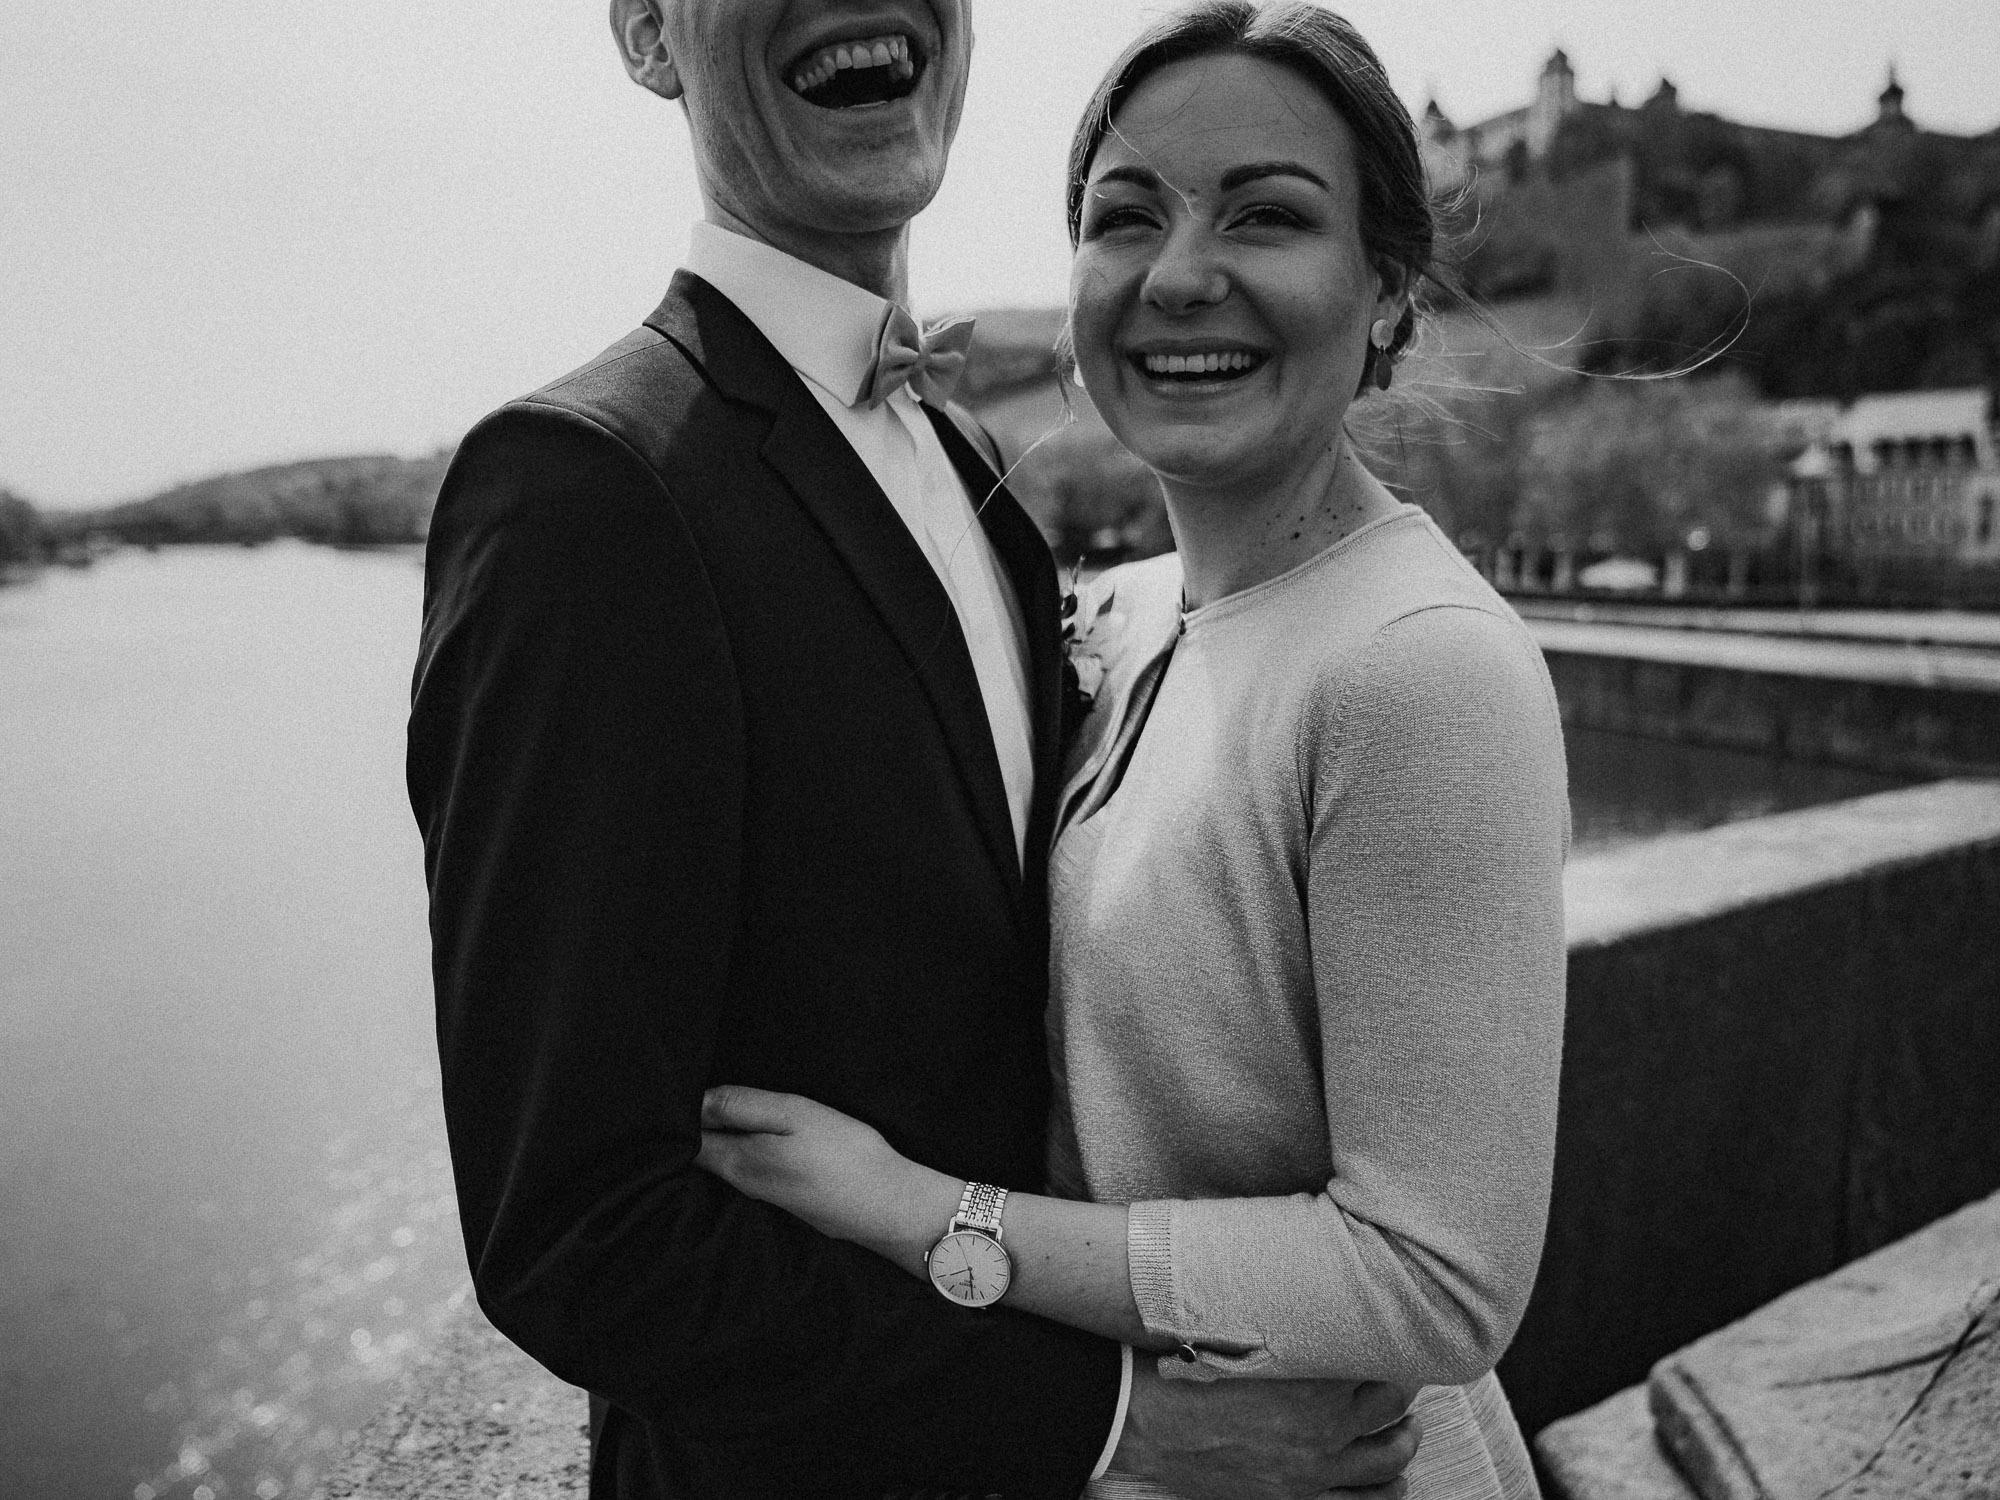 Hochzeitsfotograf aus Wuerzburg. Moderne Hochzeitsfotos und Hochzeitsreportagen